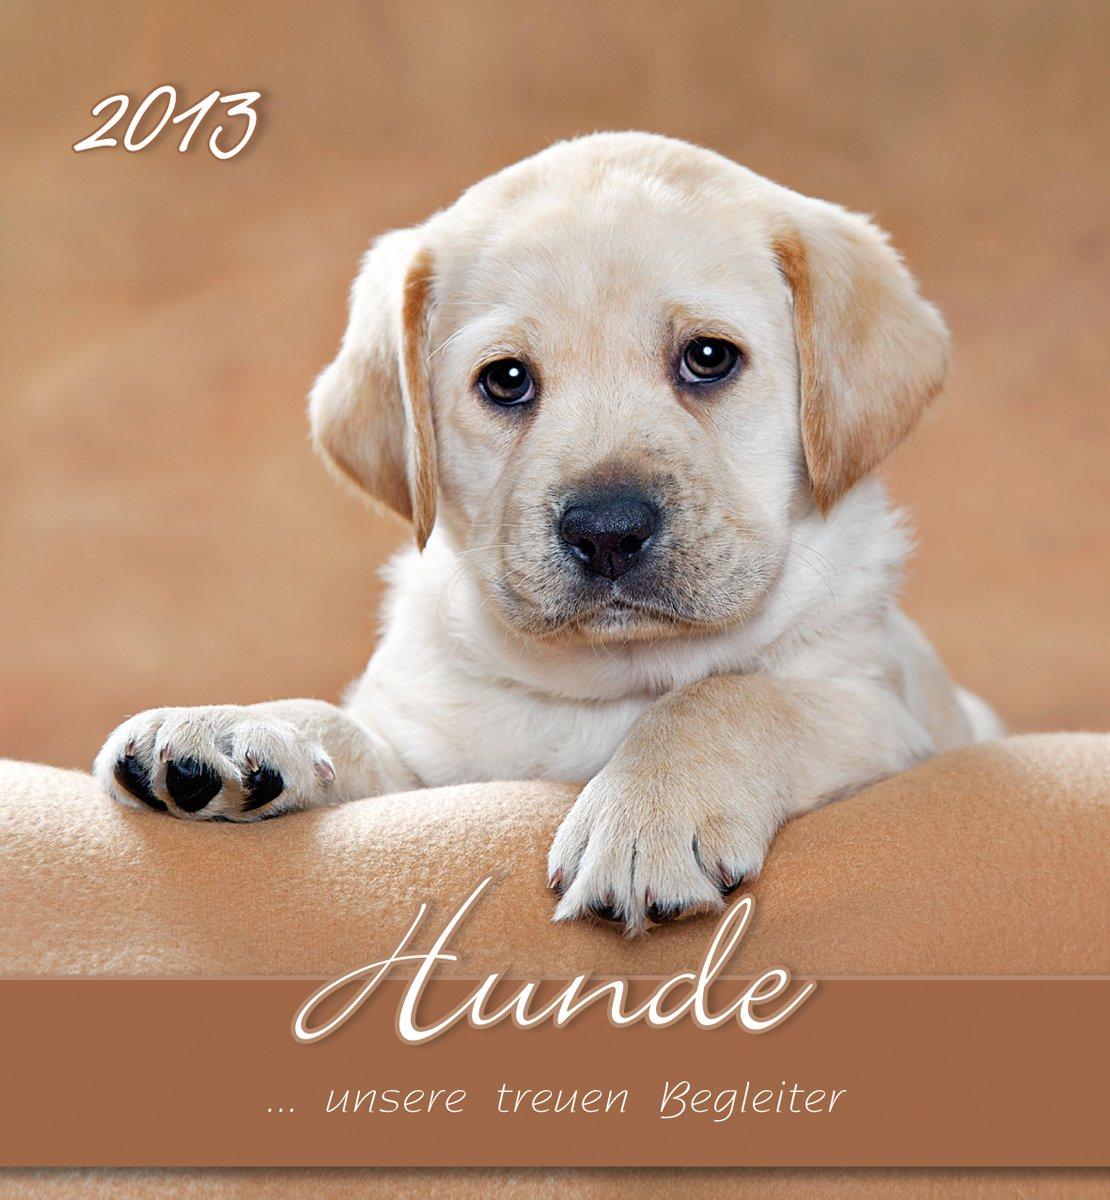 Hunde, Postkartenkalender 2013